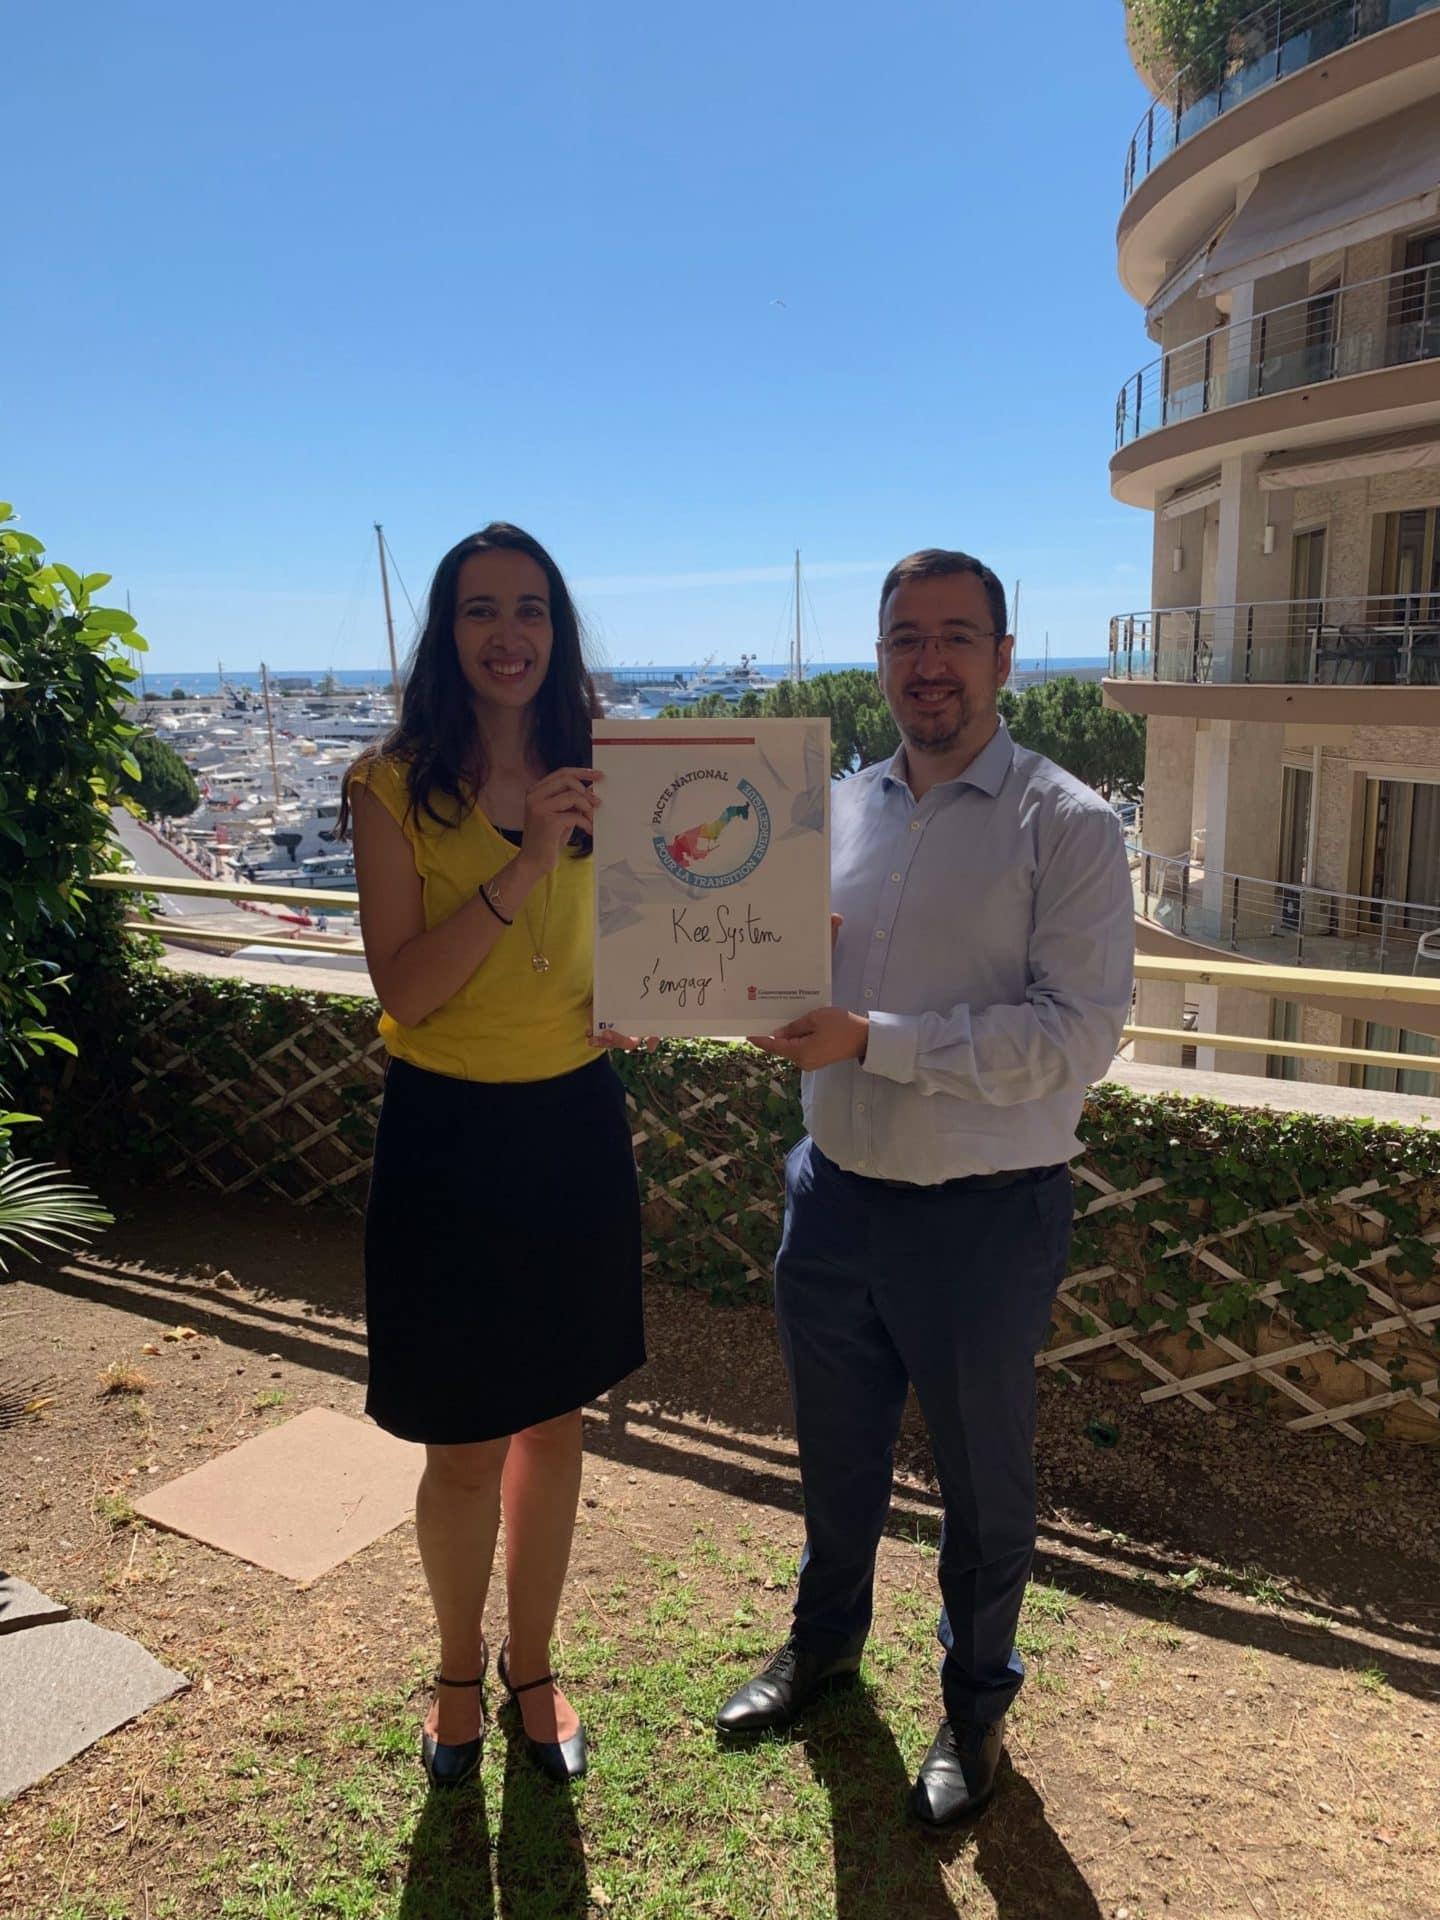 Pierre-Alexandre Rousselot, CEO de Keesystem, engage son entreprise avec la Mission pour la Transition Énergétique à Monaco